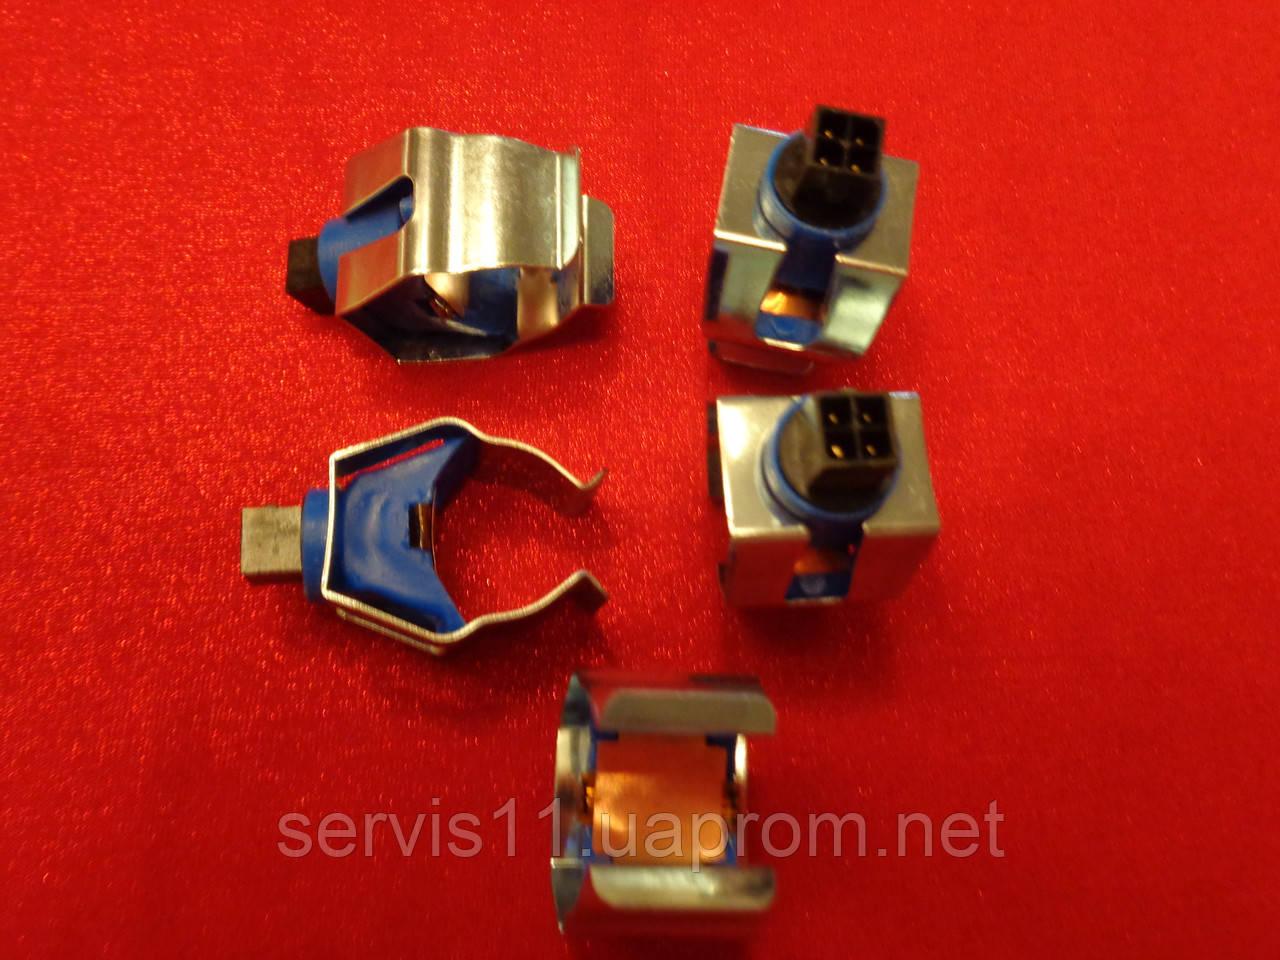 Датчик температуры накладной на 4 контакта для Ferroli, Sime, Biasi